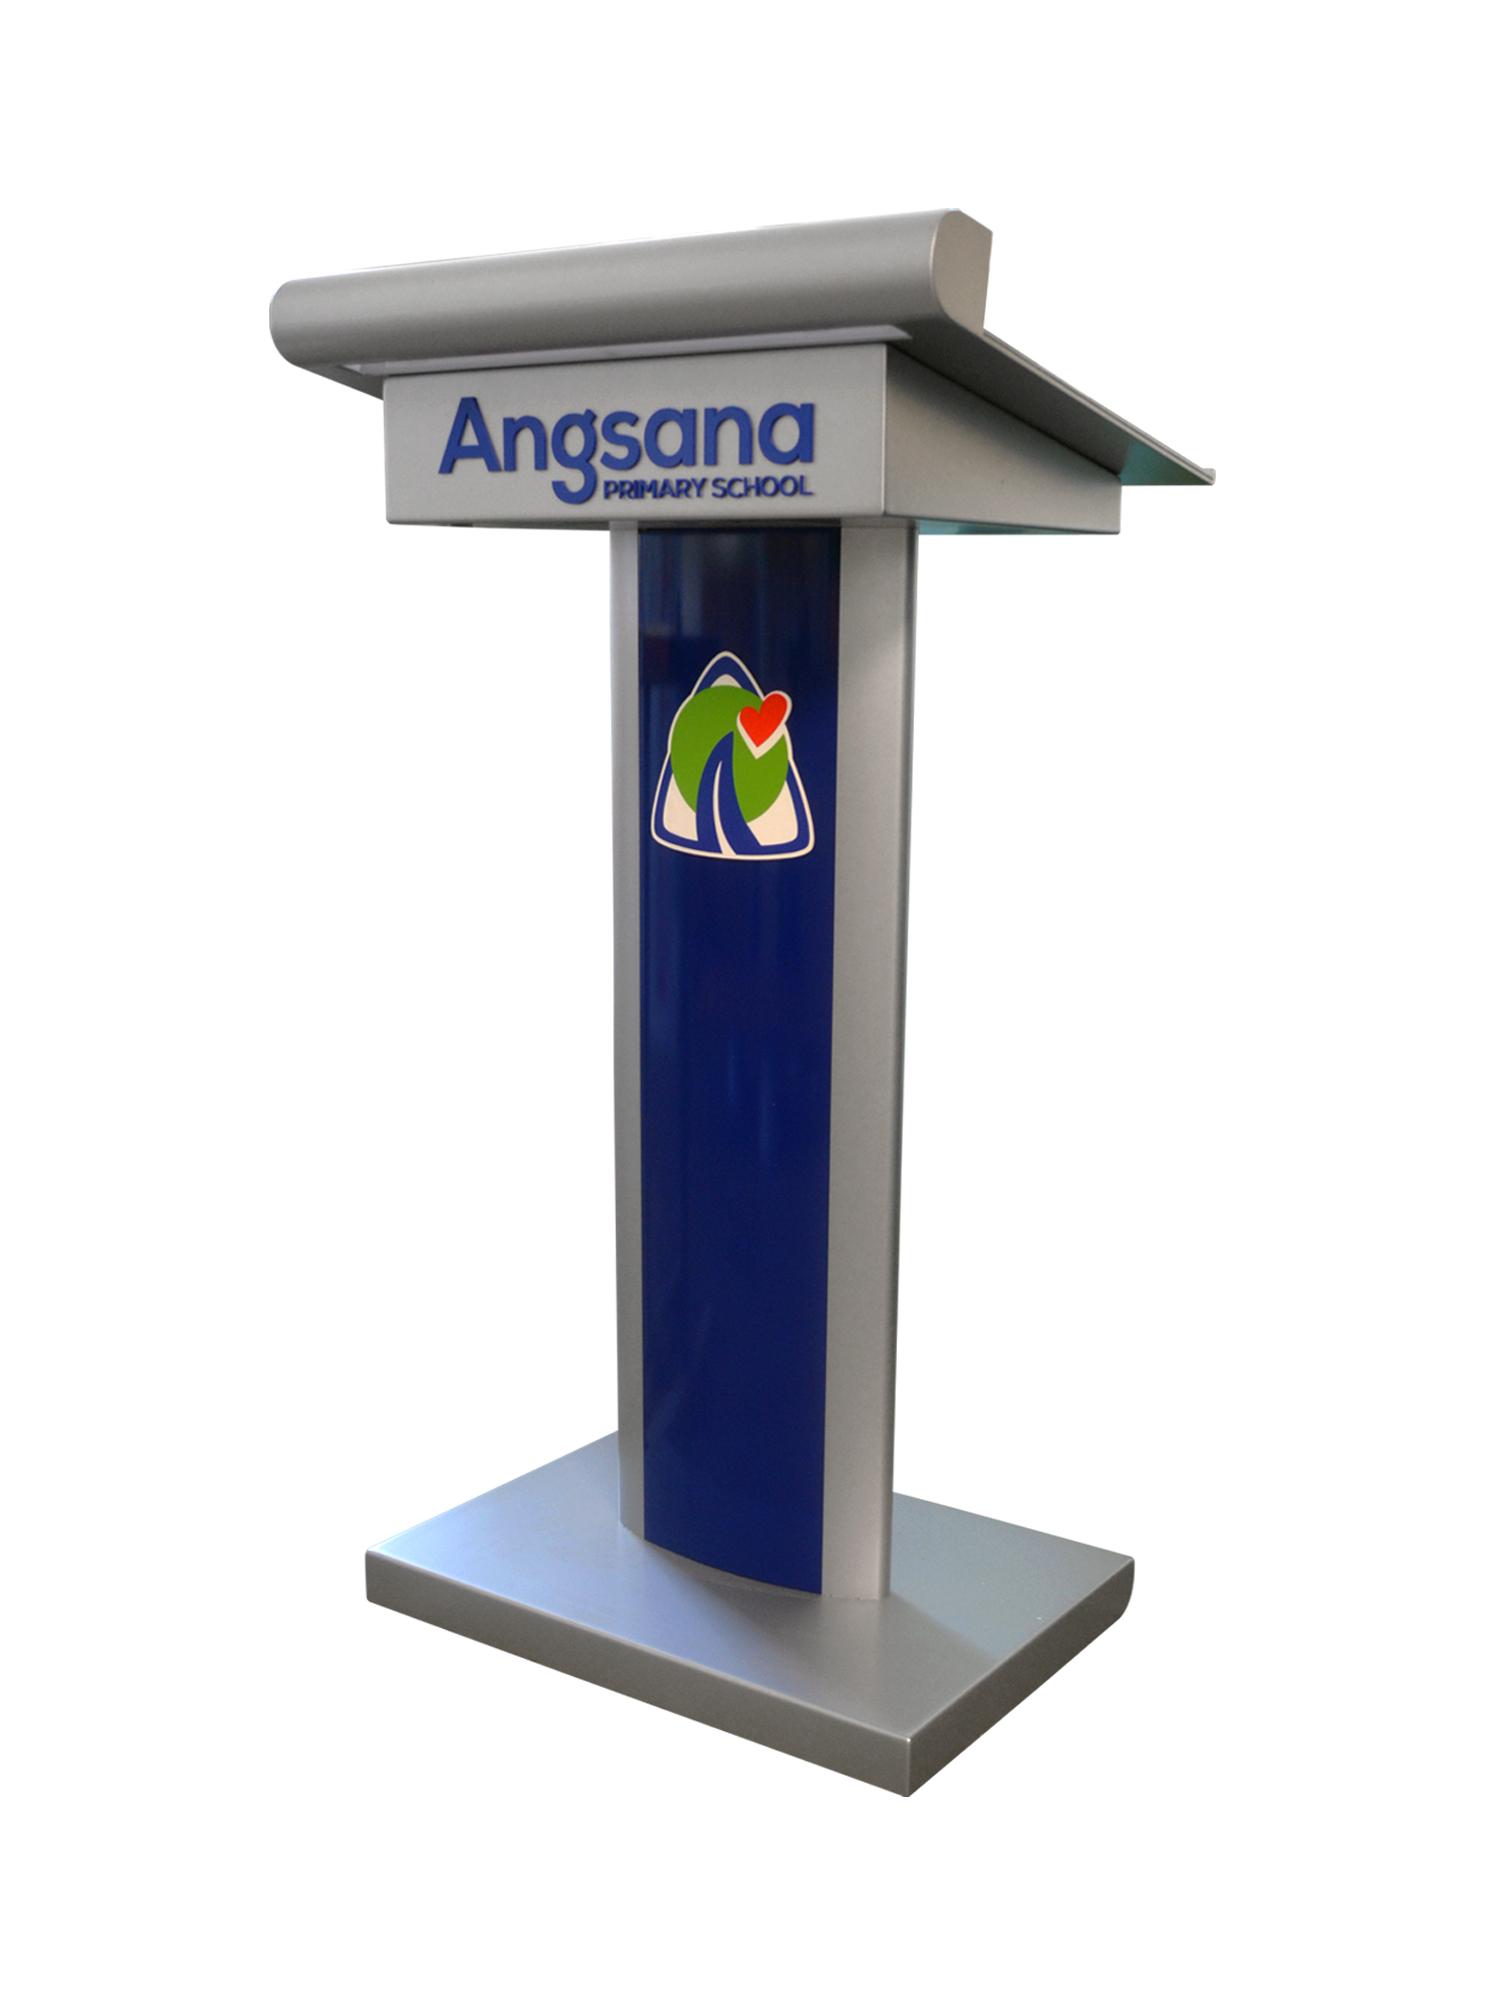 Angsana Primary School